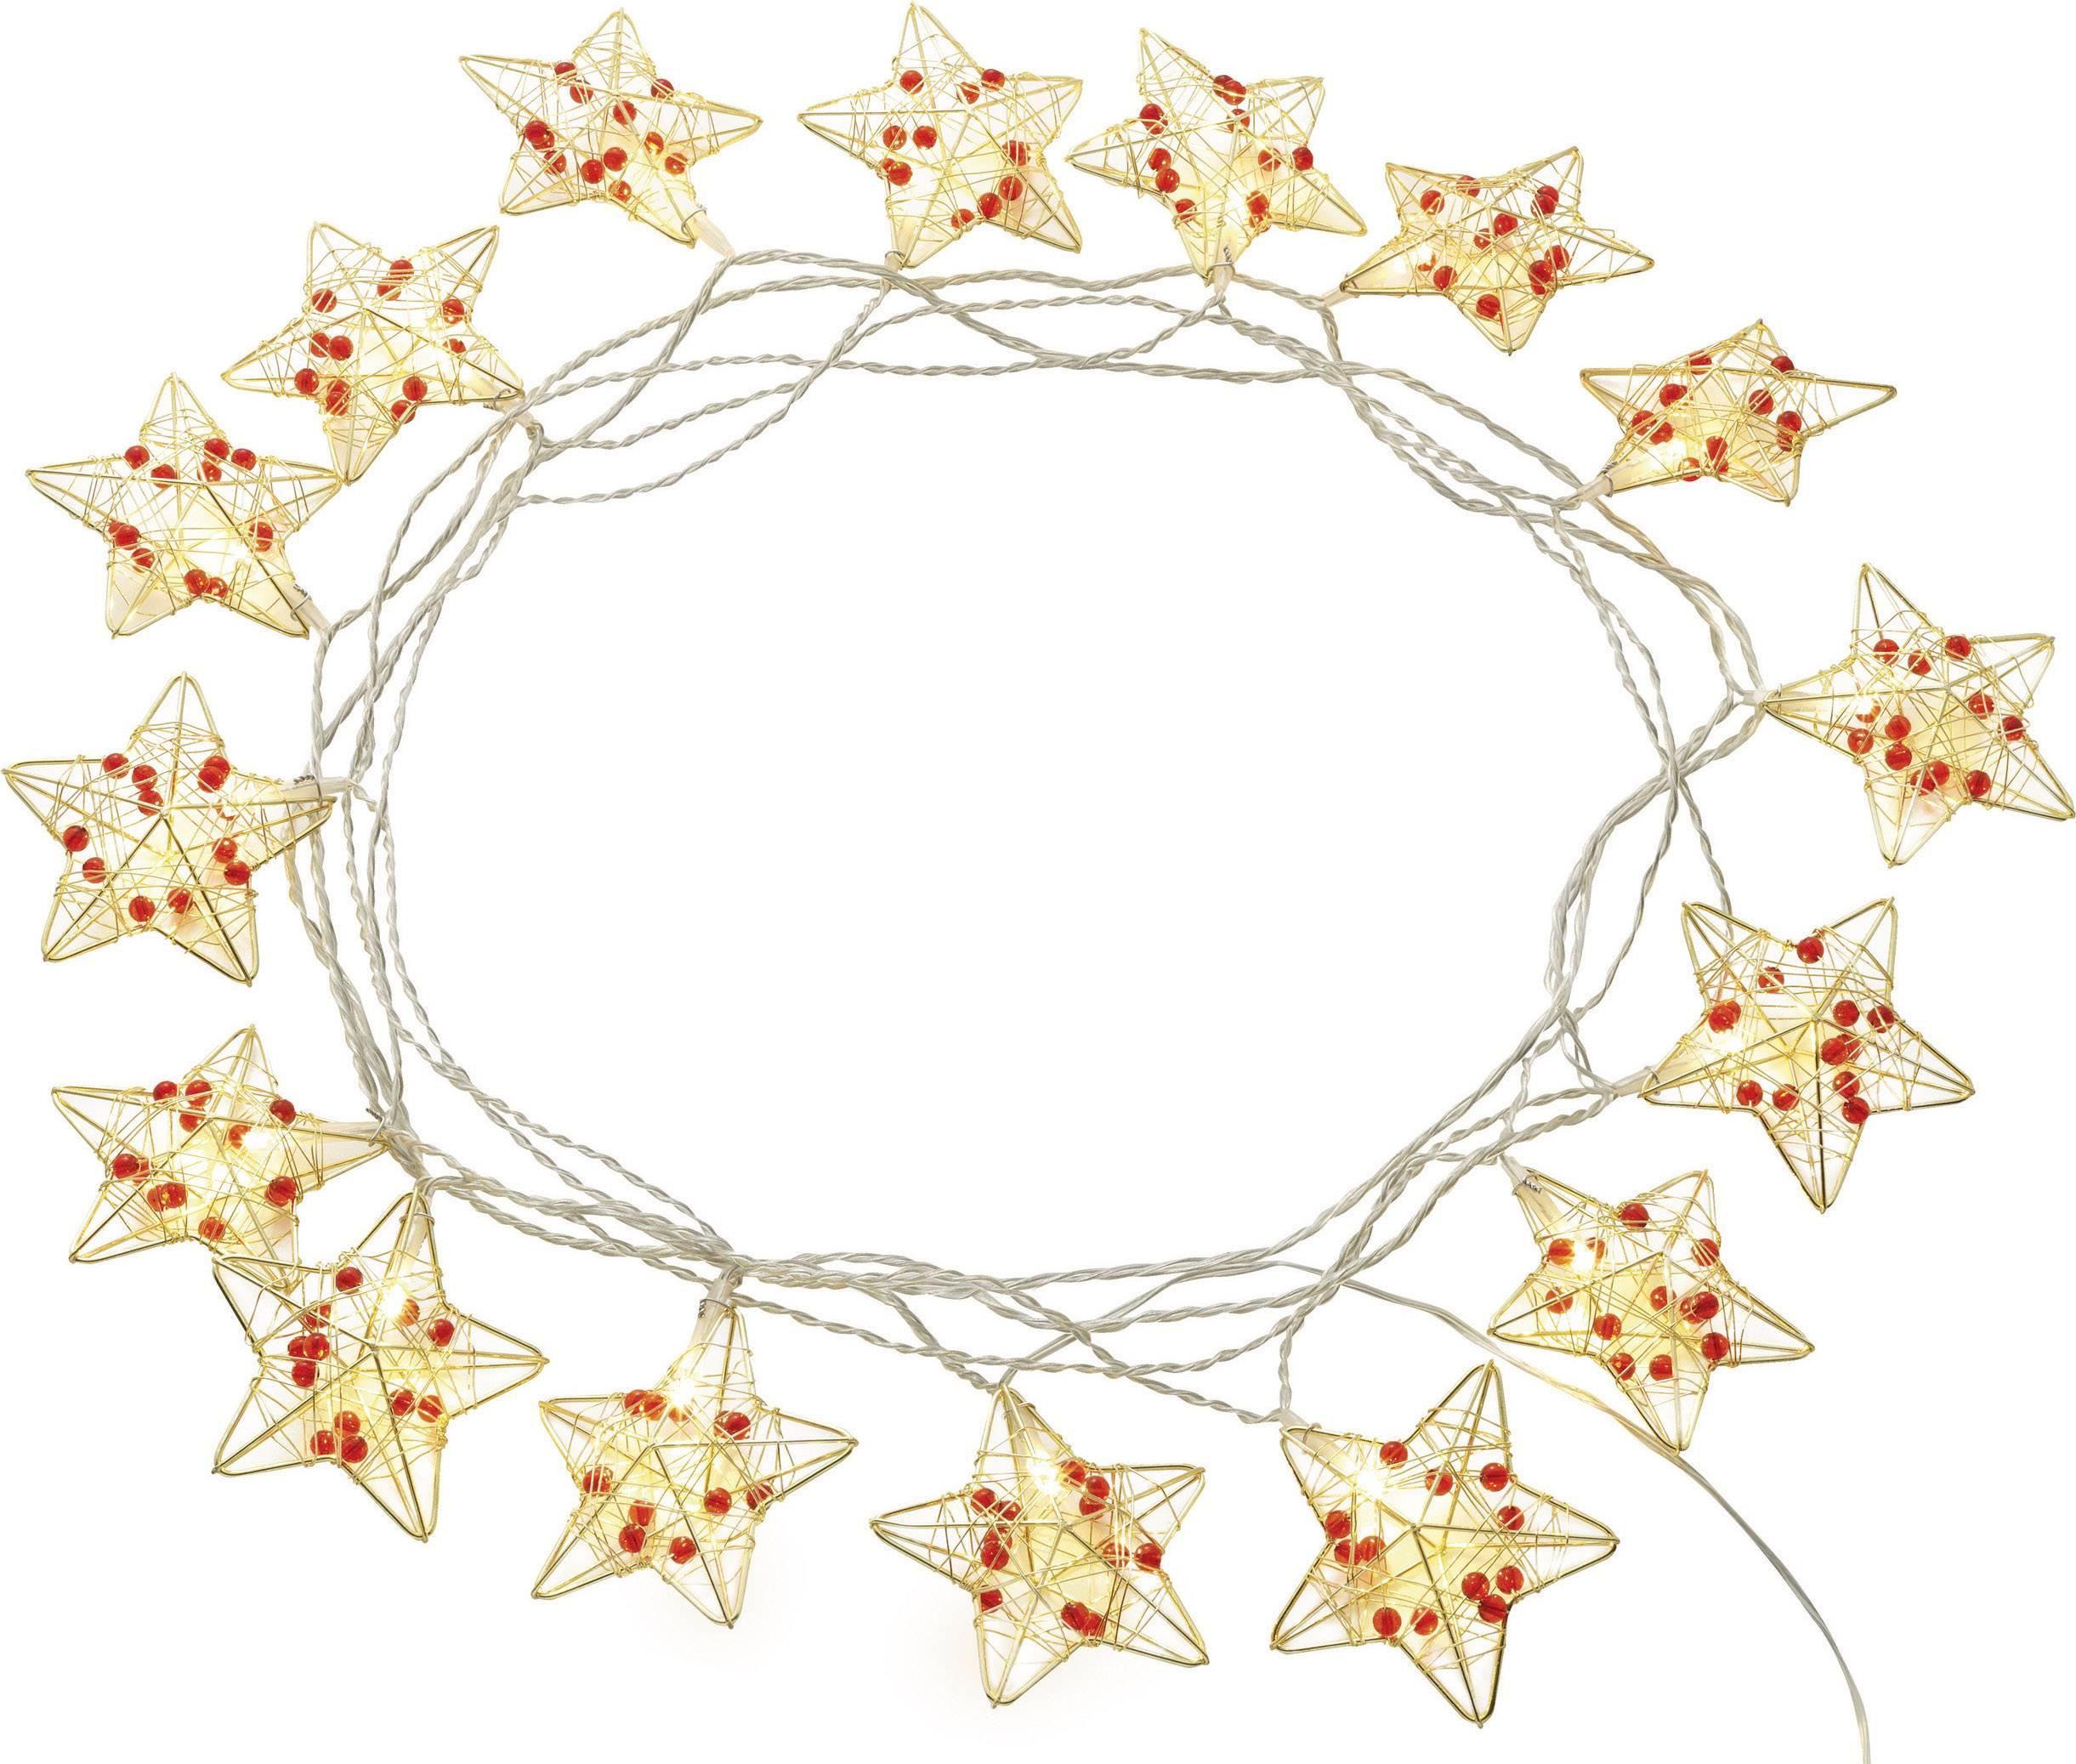 Vnitřní vánoční řetěz Polarlite, 16 LED, 4,5 m, teplá bílá